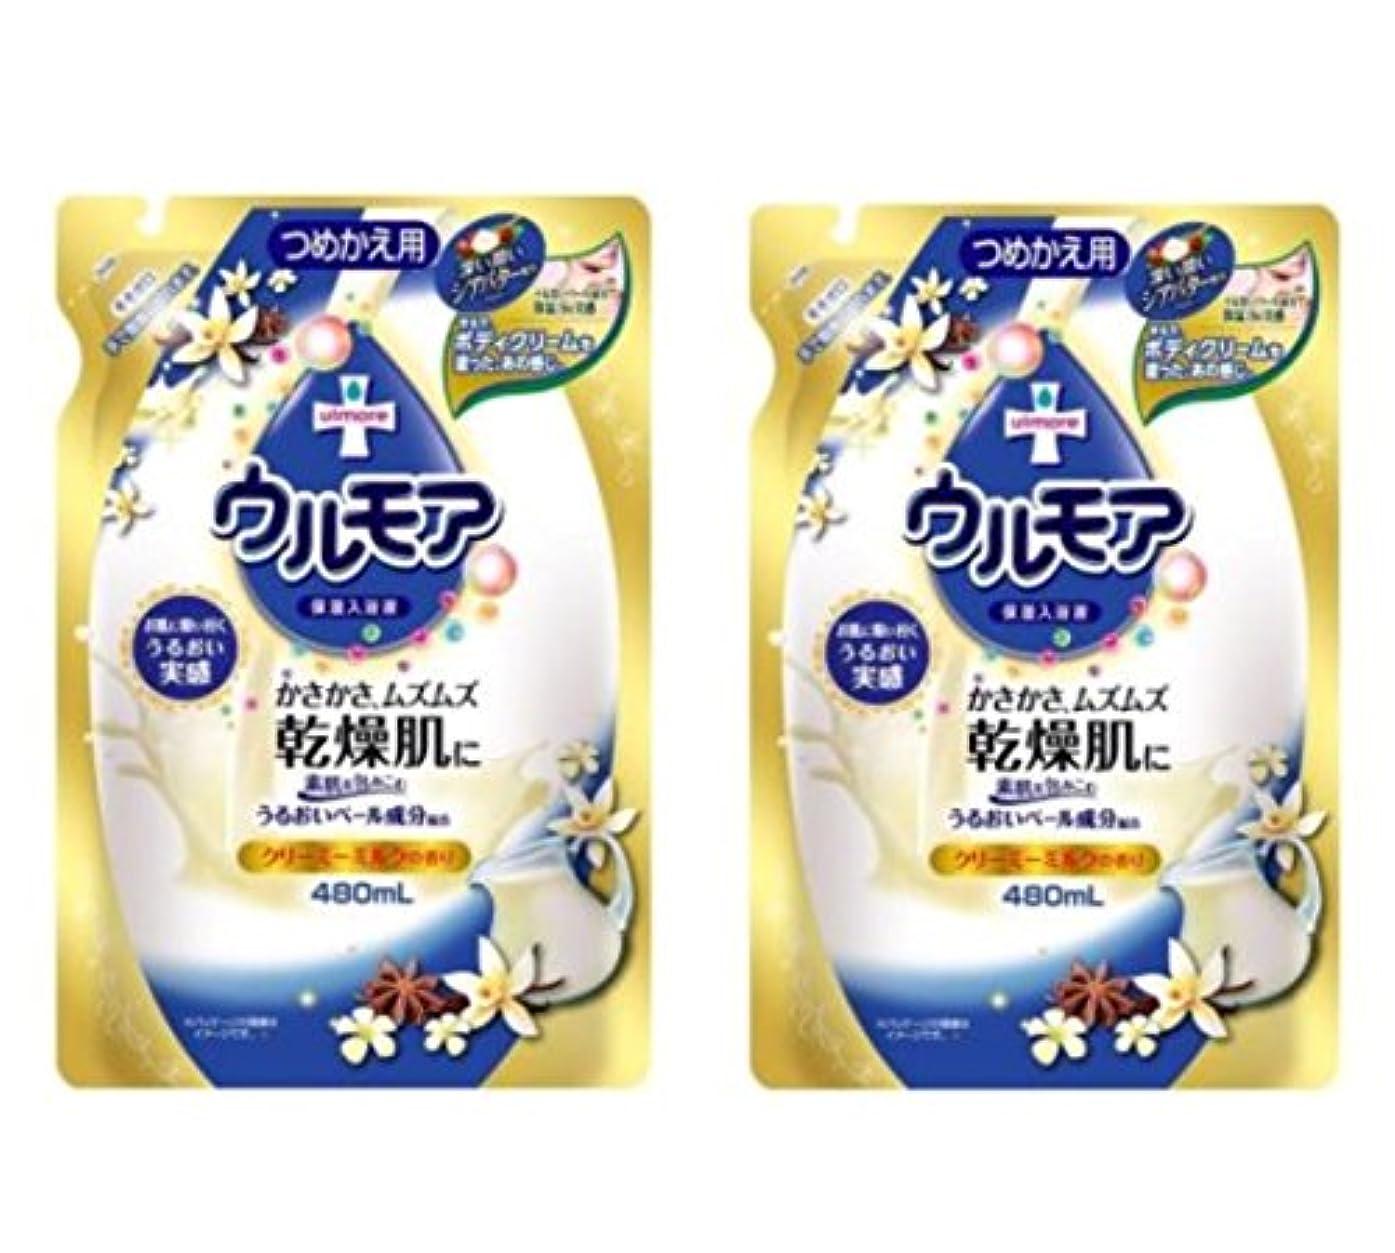 封建音声受粉者アース製薬 保湿入浴液 ウルモア クリーミーミルク詰替 480ml×2個セット